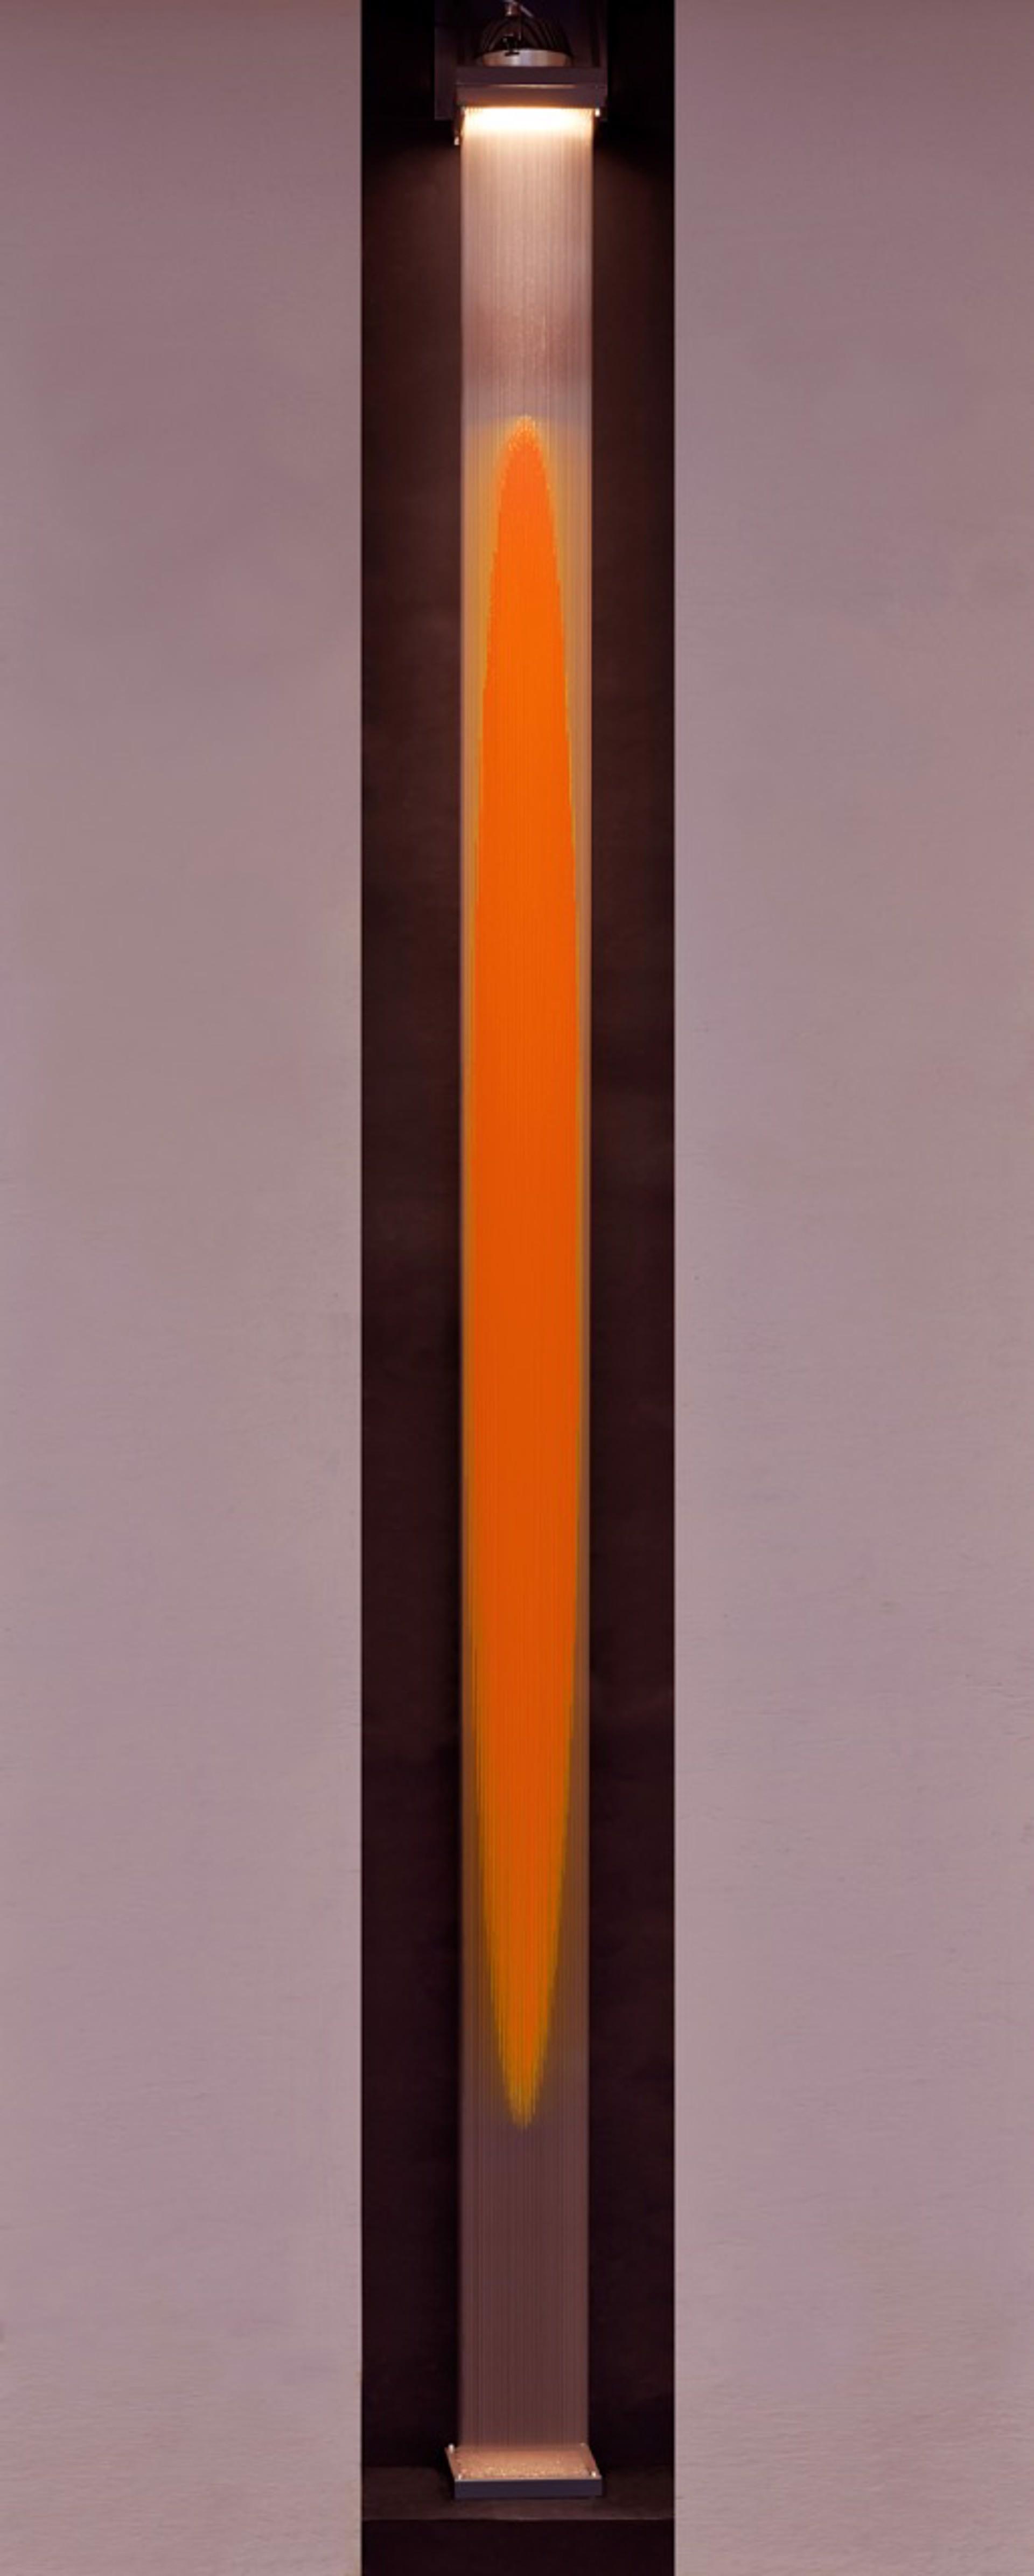 Wandarbeit Orange by Yoshiyuki Miura